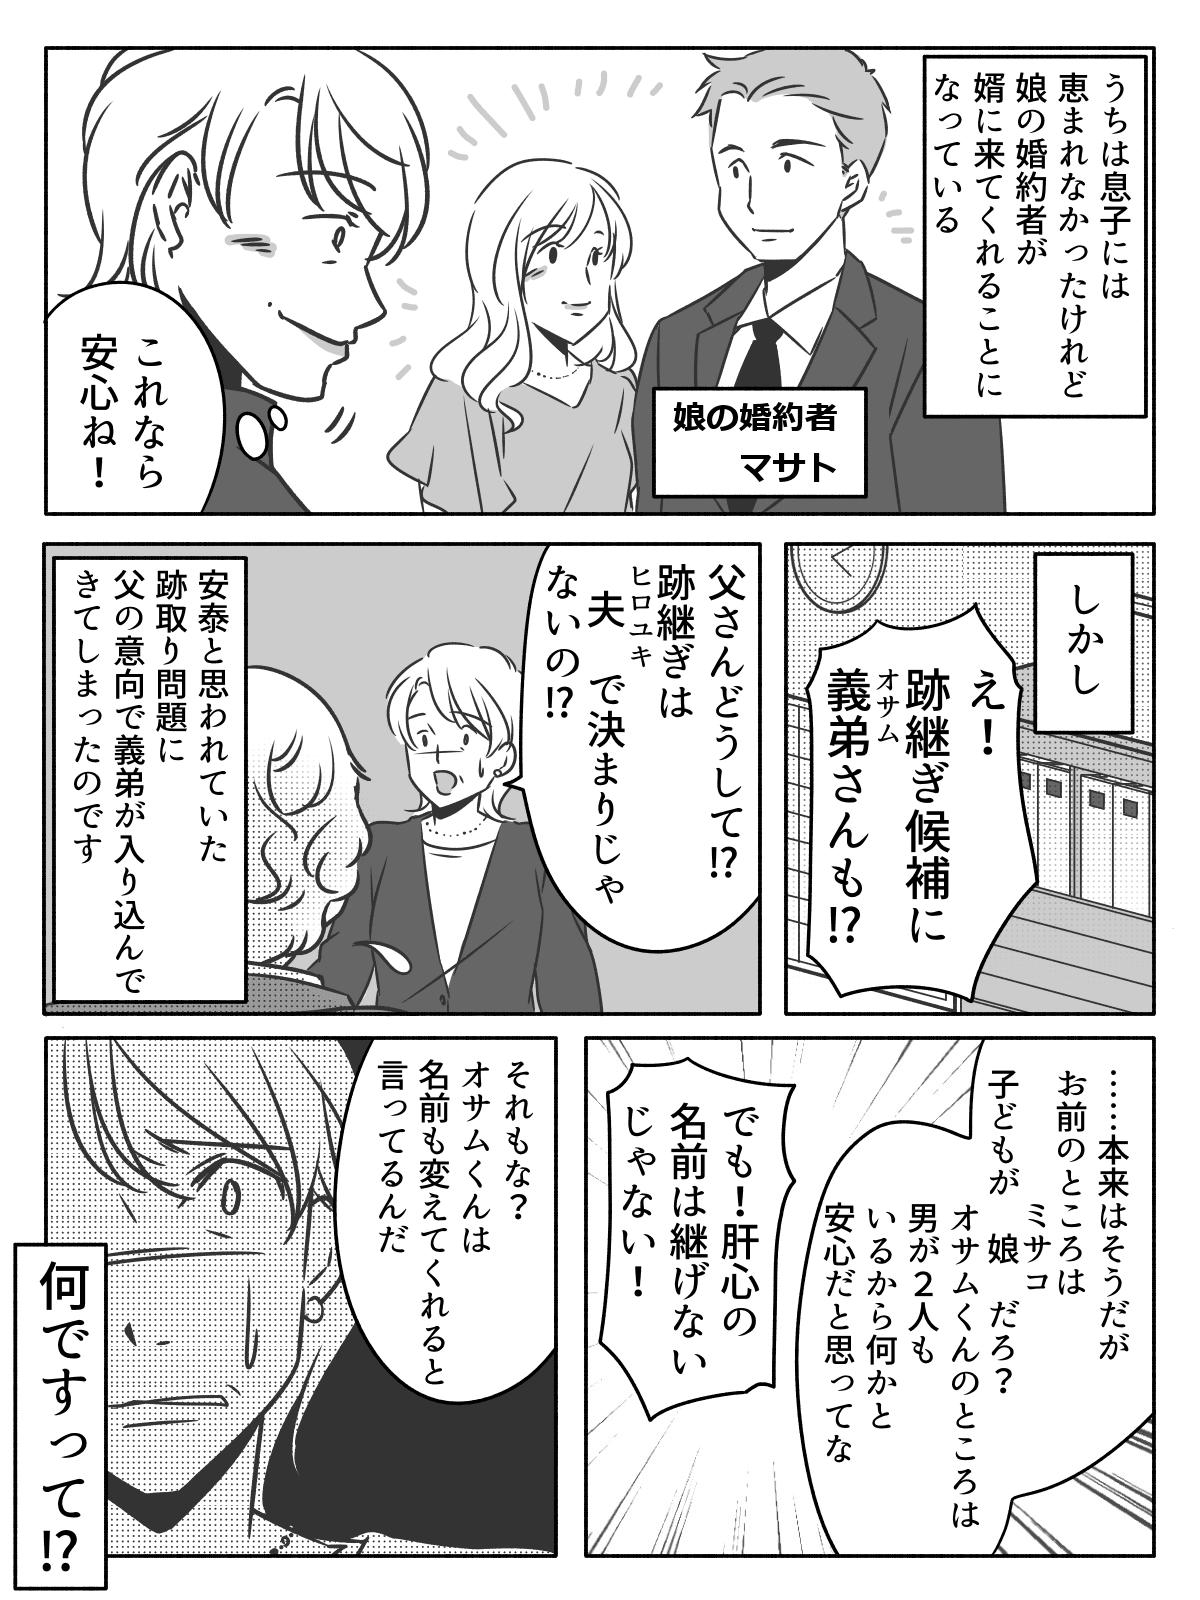 【前編】「女はダメ」!?後継者問題